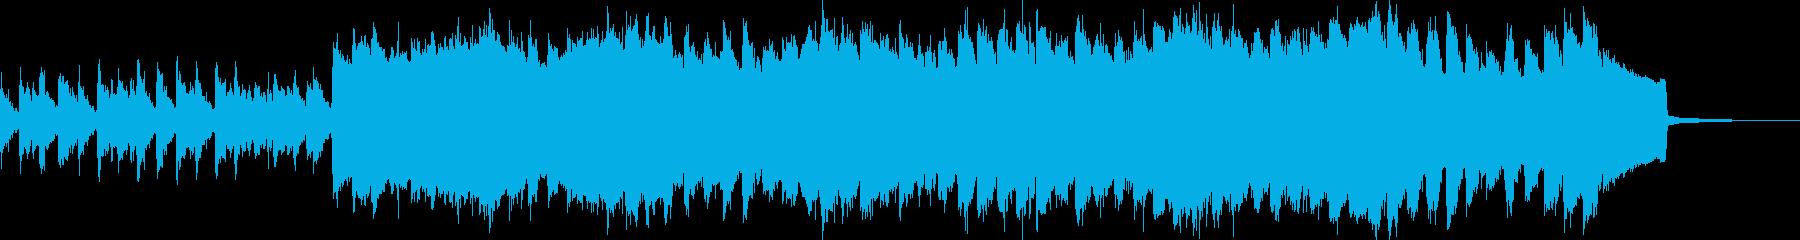 夕暮れの切ない3拍子のアンビエントの再生済みの波形